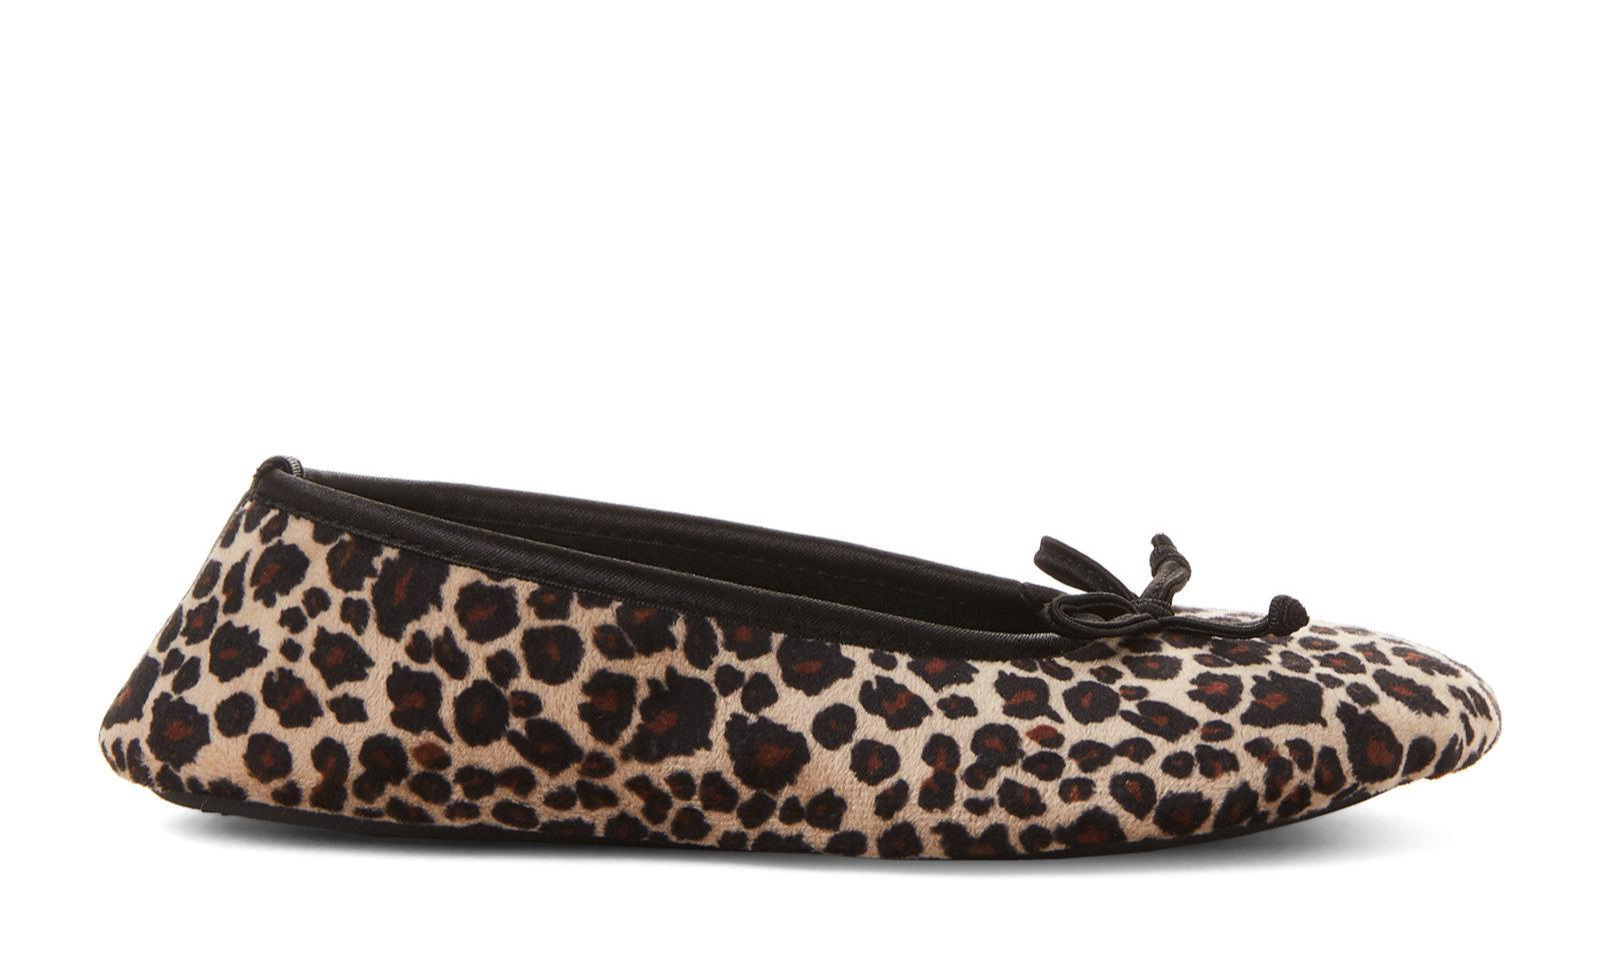 dearfoams-Leopard-Microfiber-Leopard-Ballet-Slippers.jpg